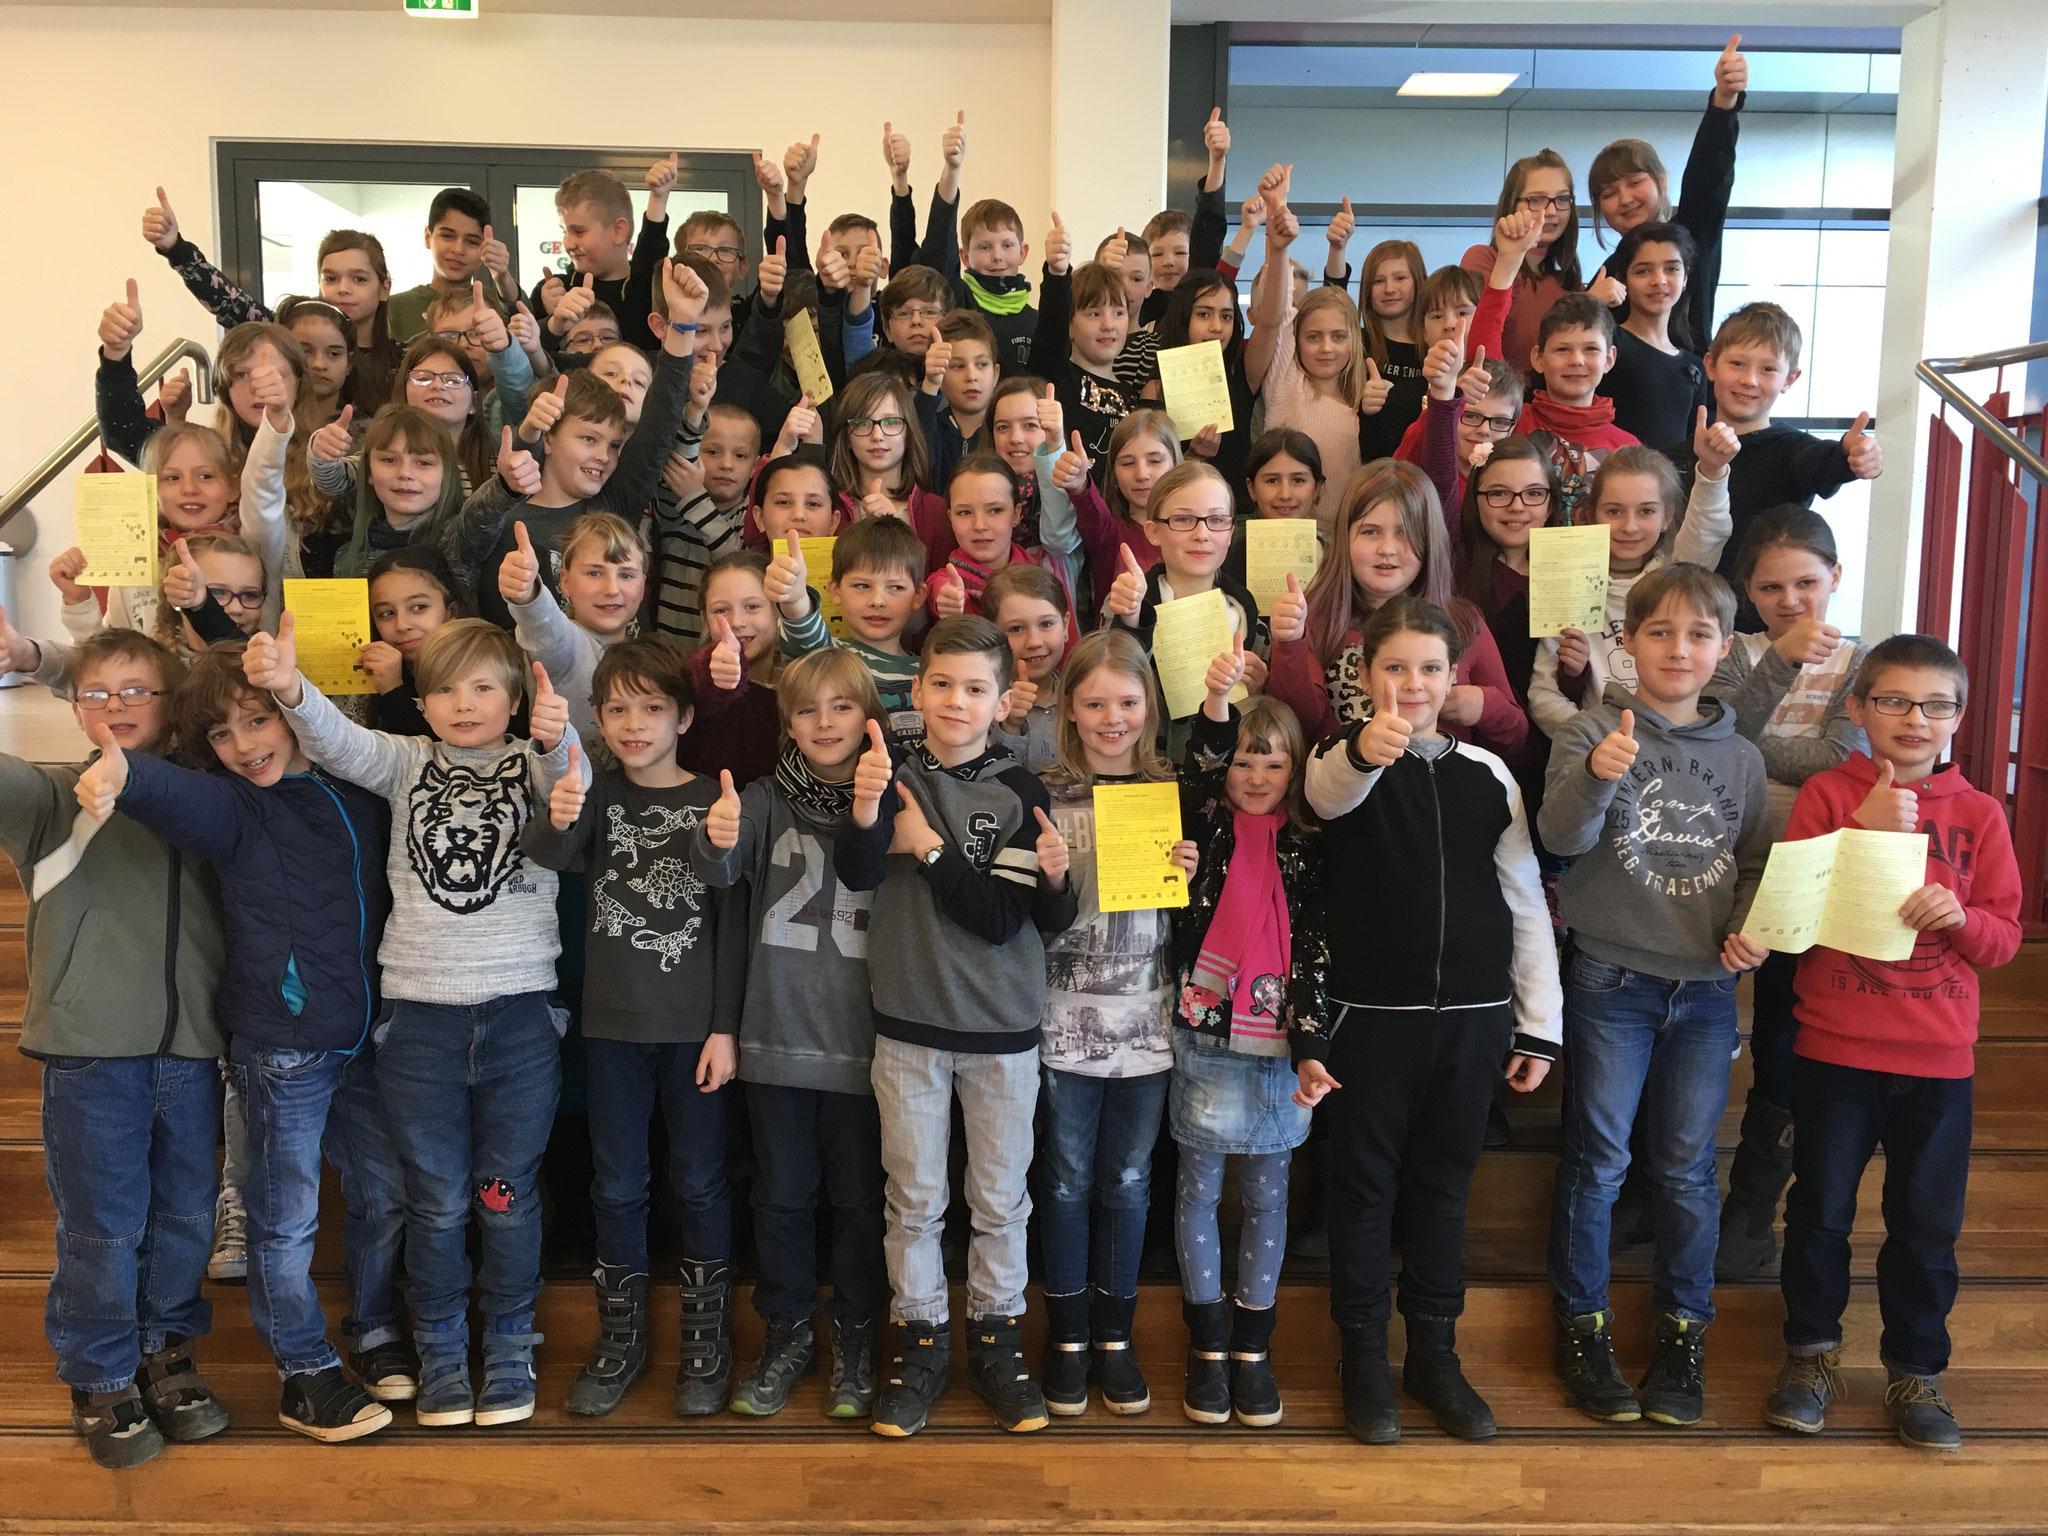 ....folgten 2018 über 60 Schülerinnen und Schüler der Grundschule in der Oberstadt.